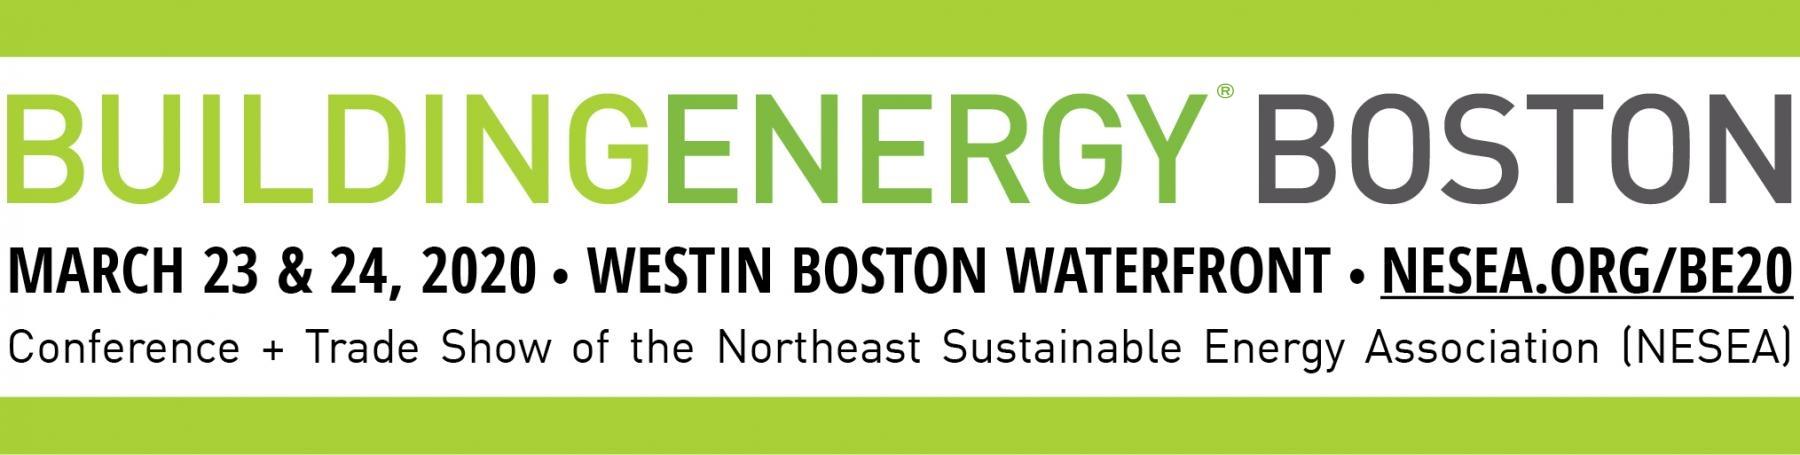 BuildingEnergy Boston   NESEA